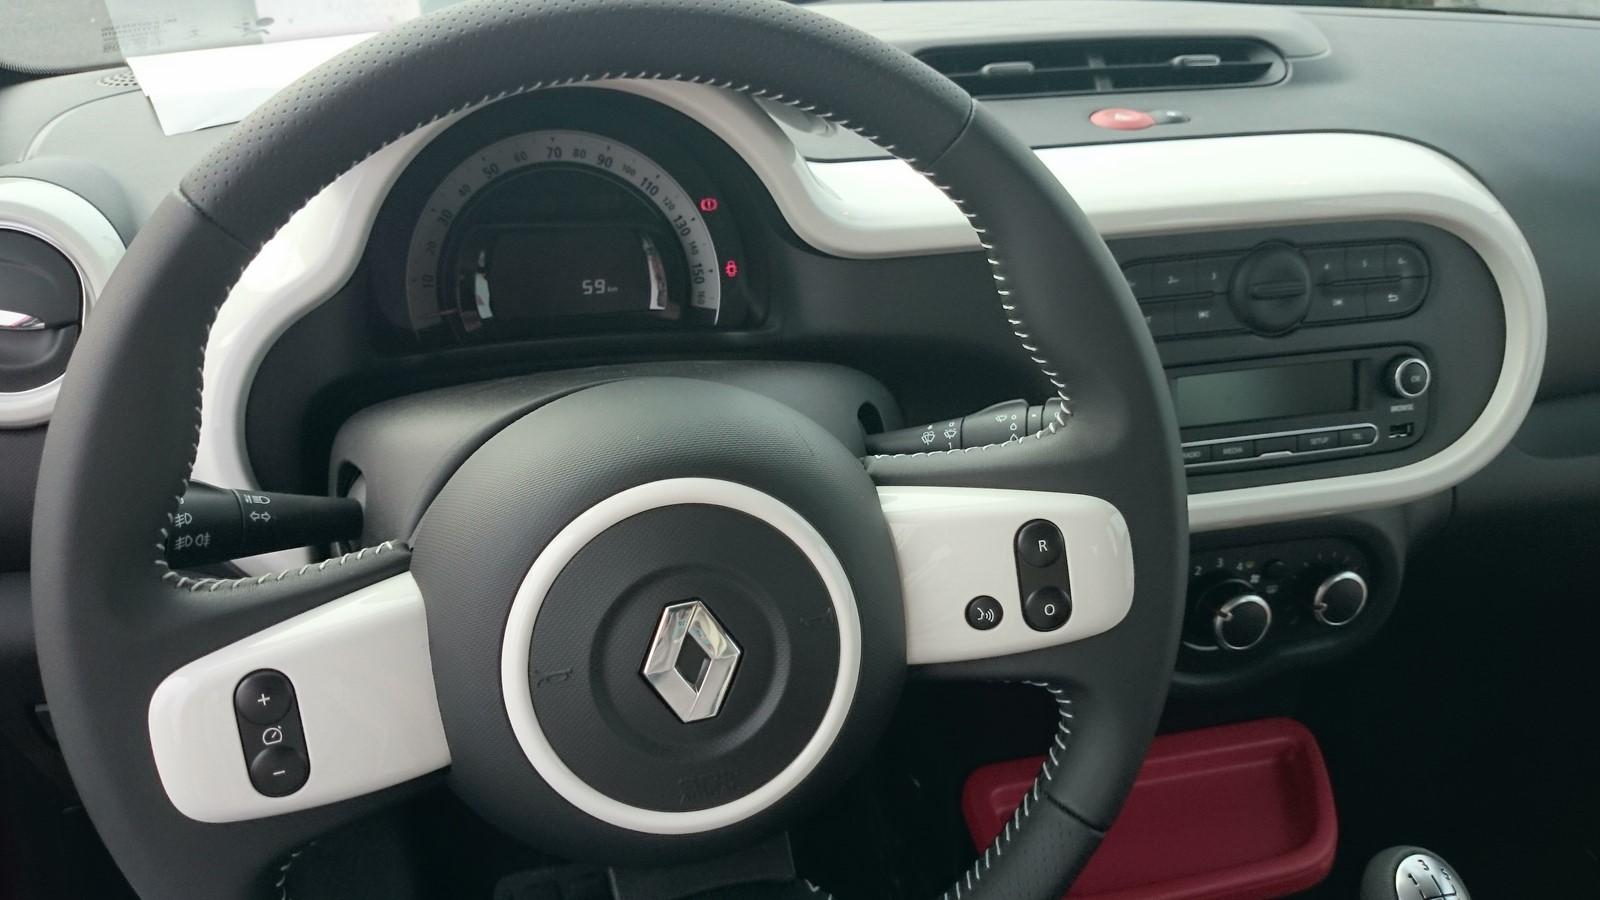 moteur - Autotitre.com - Auto titre